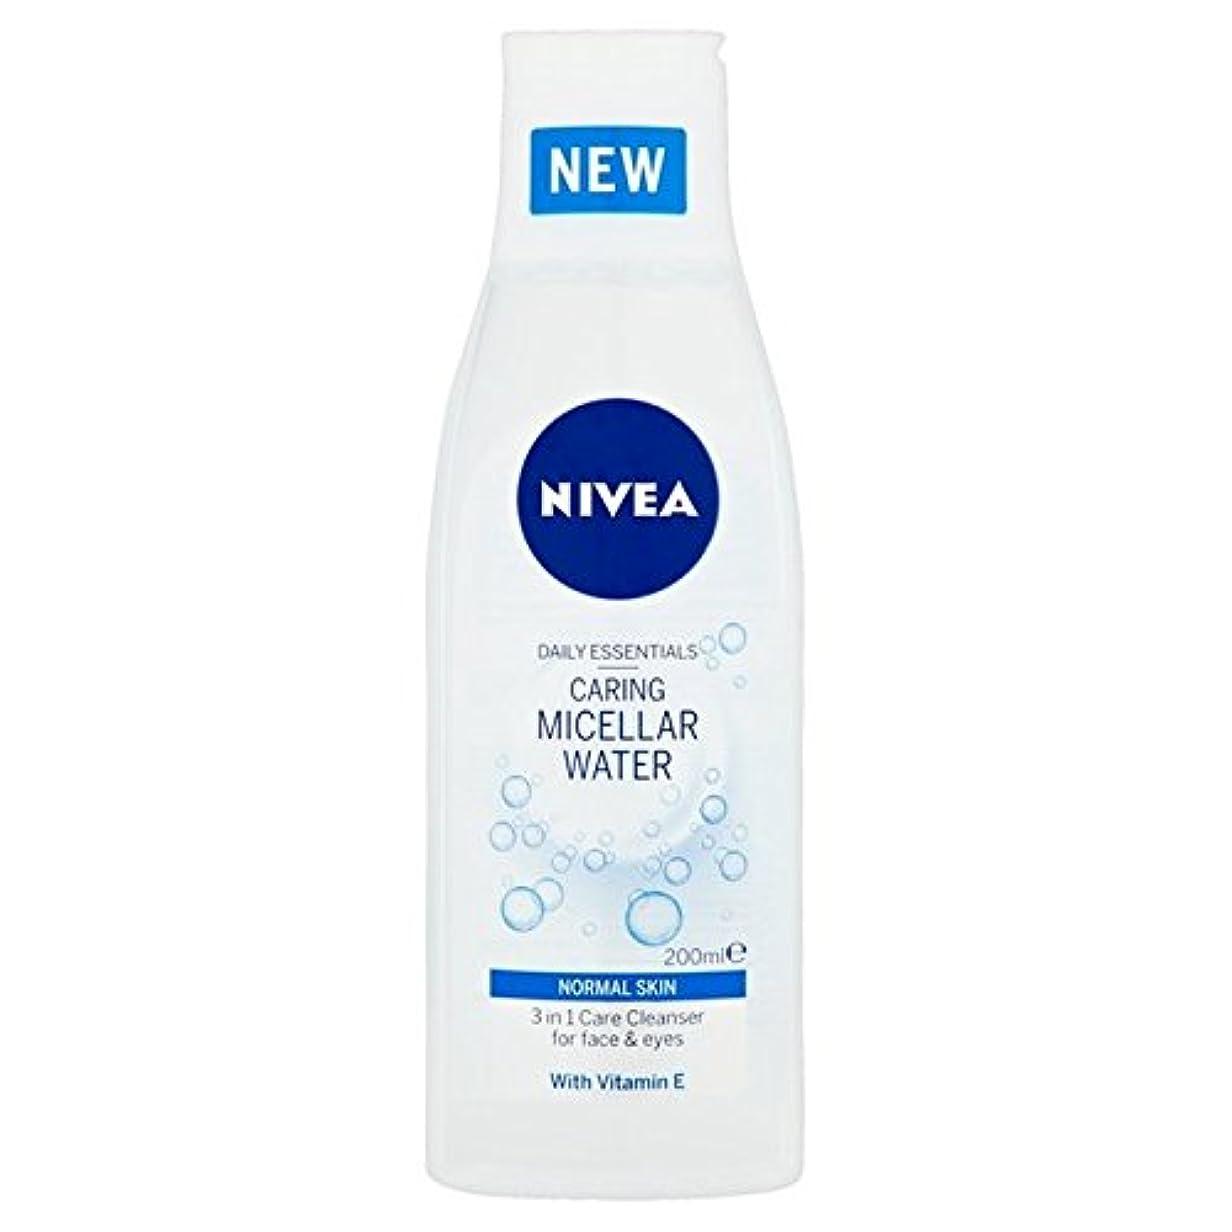 落とし穴記念品マイナーNivea 3 in 1 Sensitive Caring Micellar Water Normal Skin 200ml - 1つの敏感な思いやりのあるミセル水の正常な皮膚の200ミリリットルでニベア3 [並行輸入品]